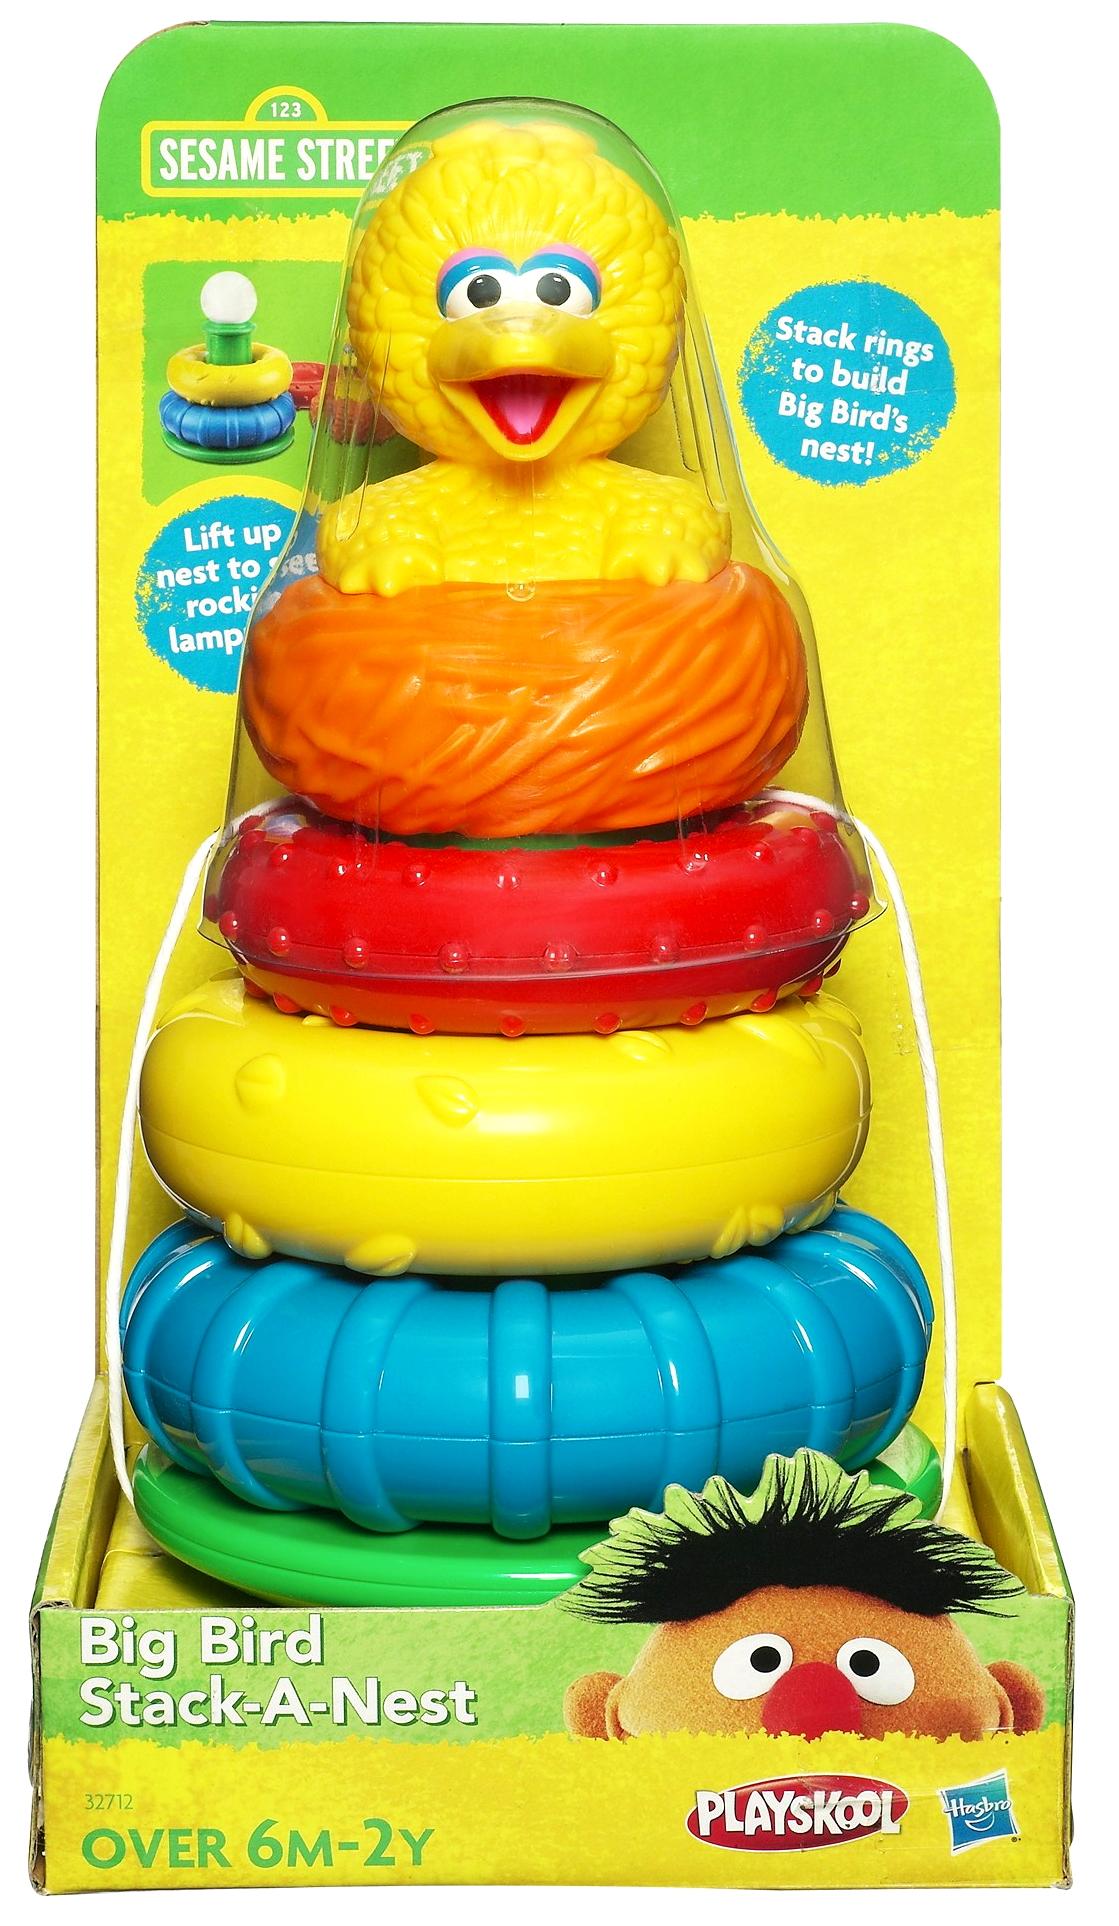 Big Bird Stack-a-Nest